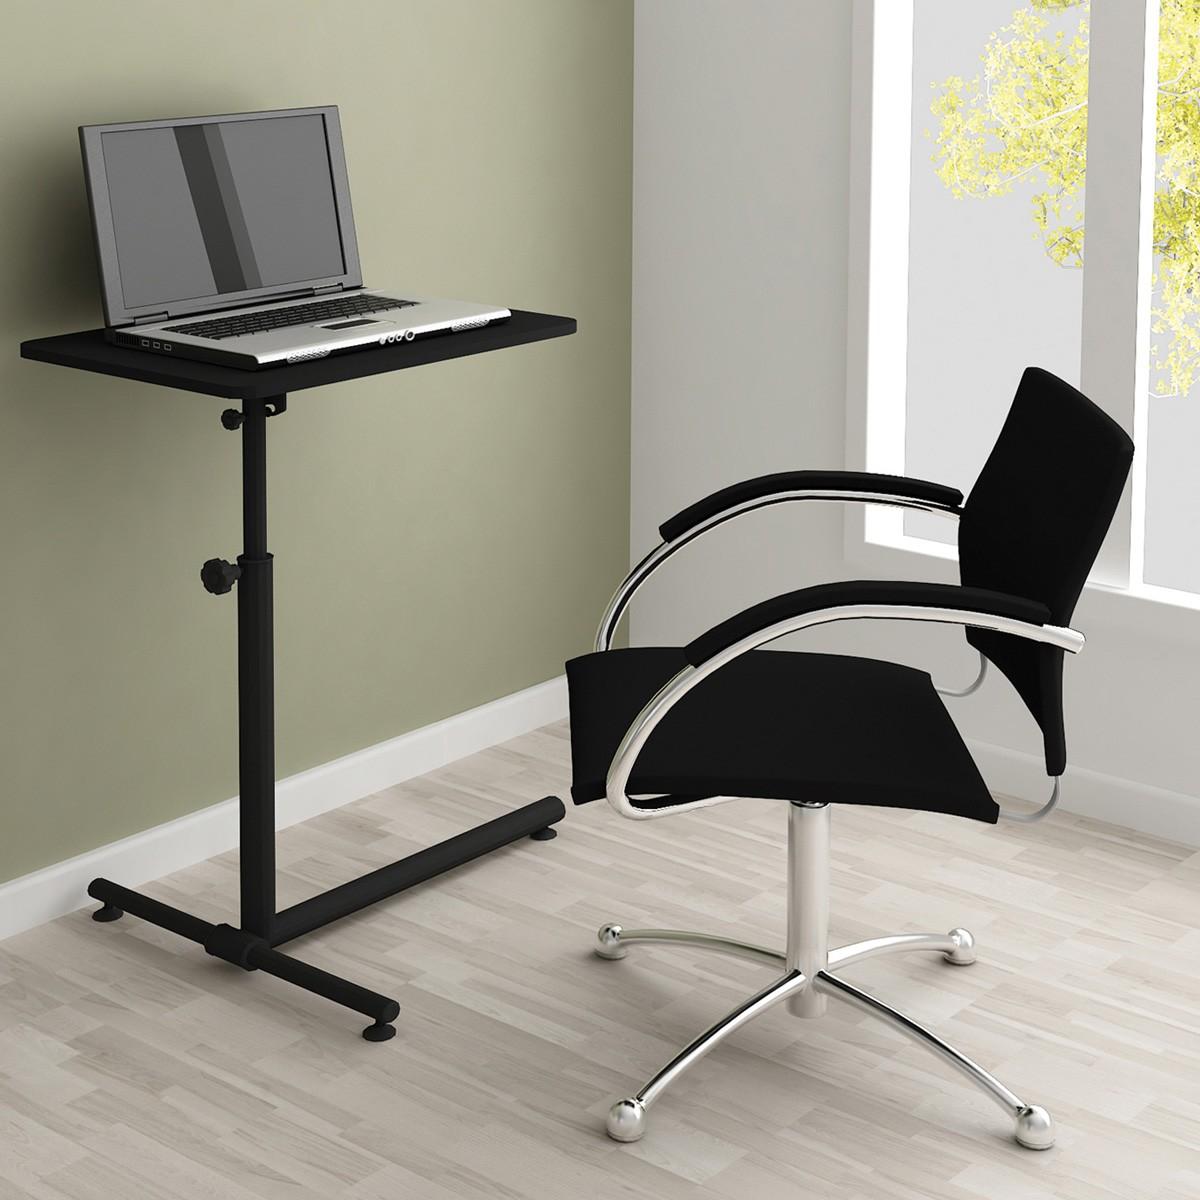 Mesa Com Ajuste Para Notebook/Tablet/Projetor